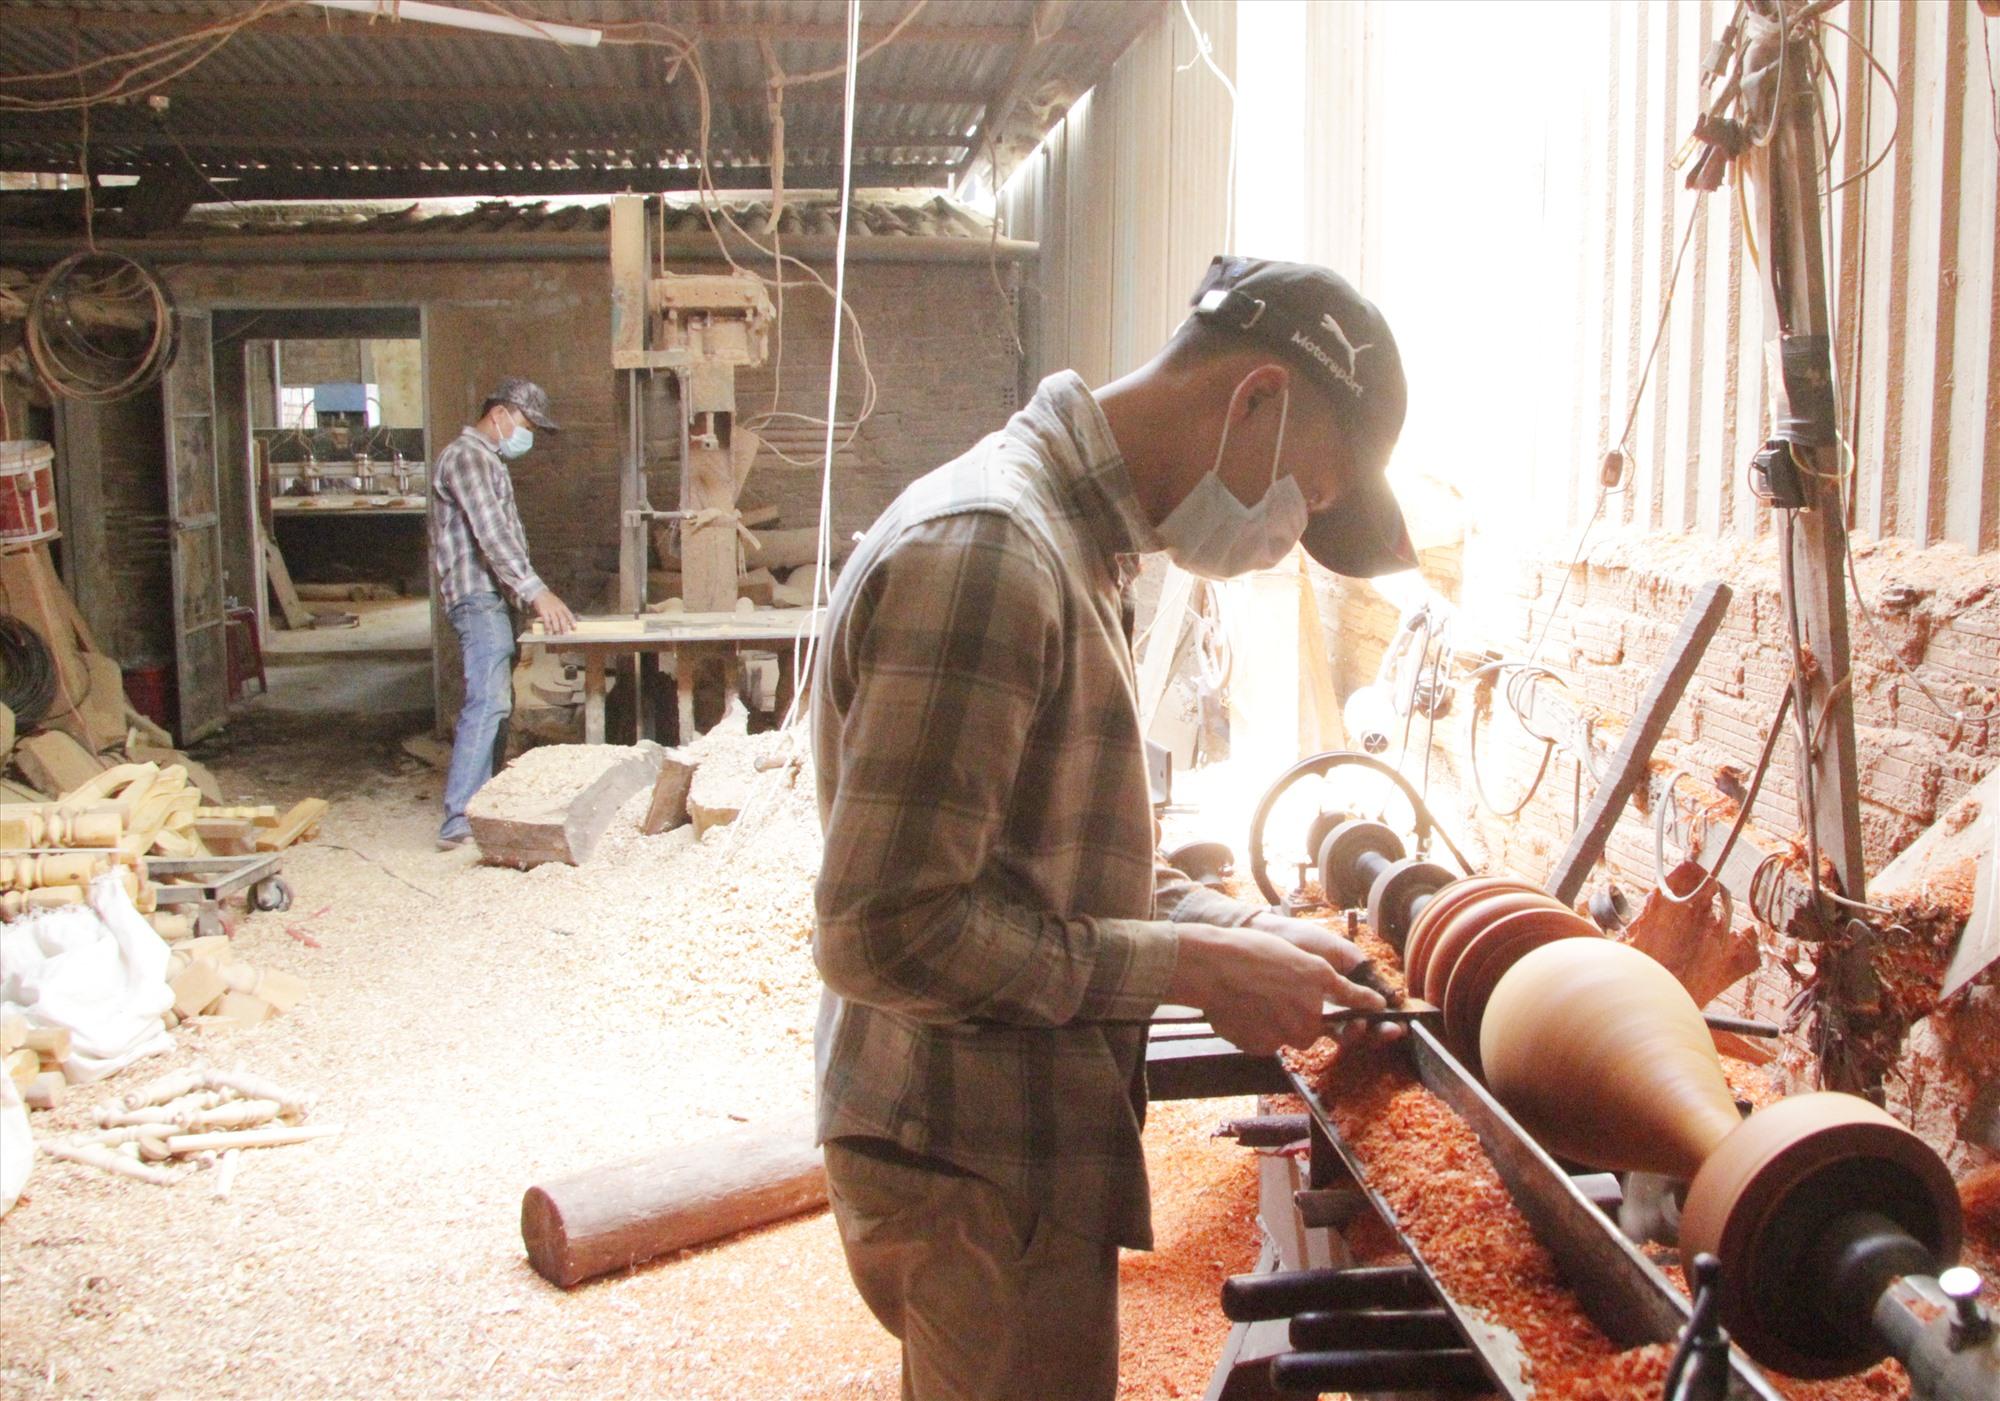 Người thợ tại Tiện gỗ CNC Thành Công đang chế tác hình thụ một chiếc lục bình gỗ bằng máy móc hiện đại. Ảnh: H.Q